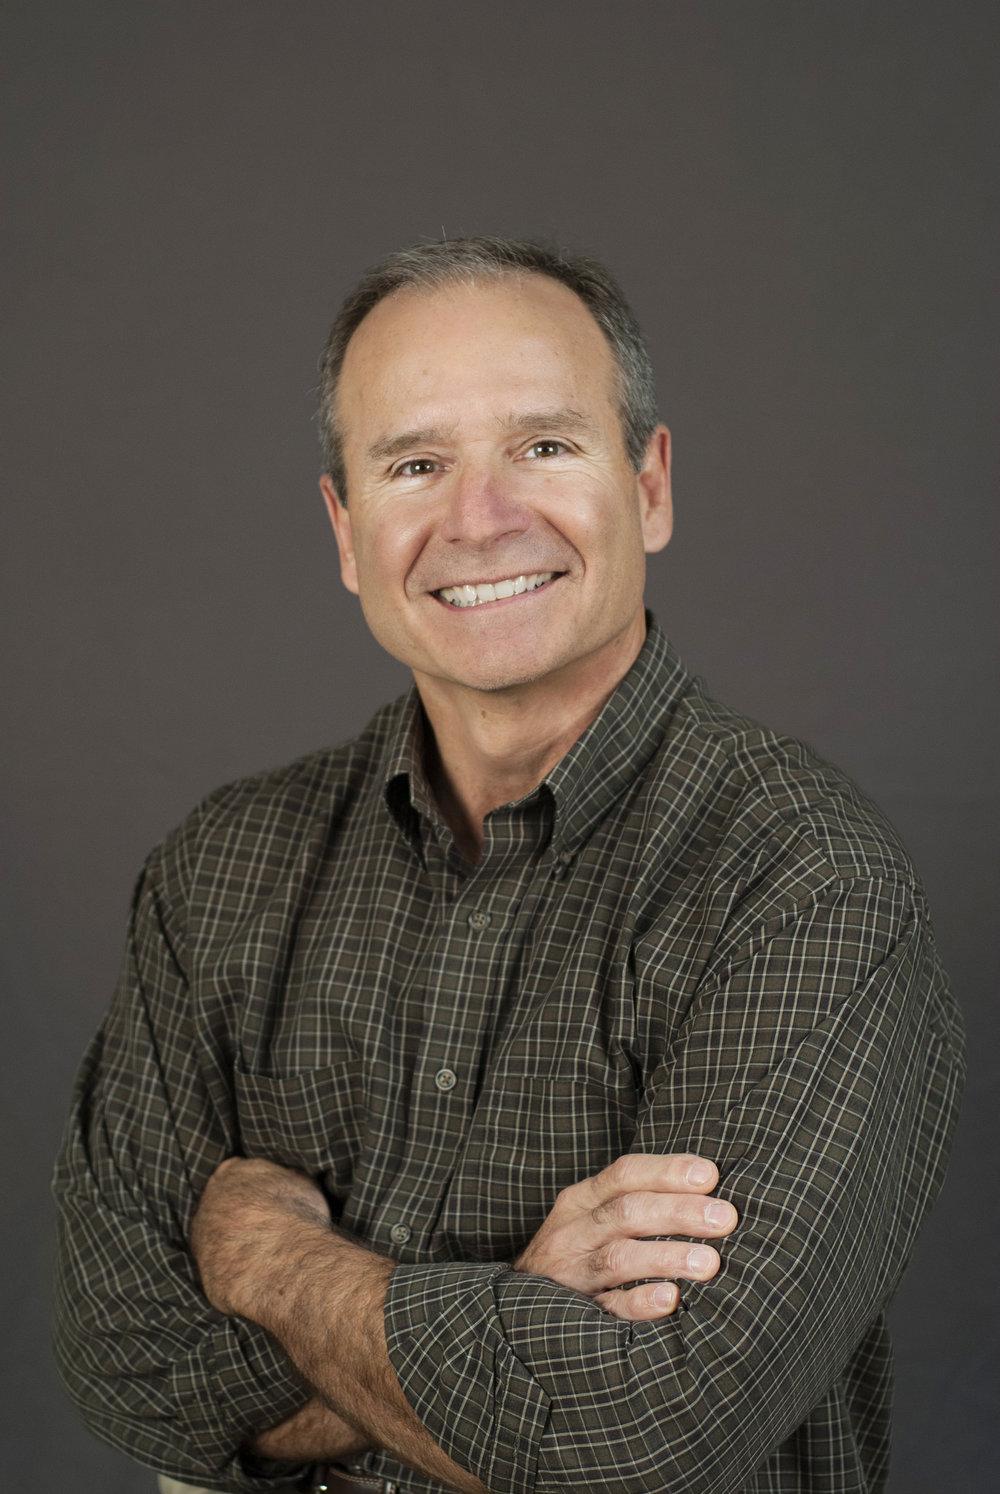 MIKE SCHAFER WELLNESS DIRECTOR